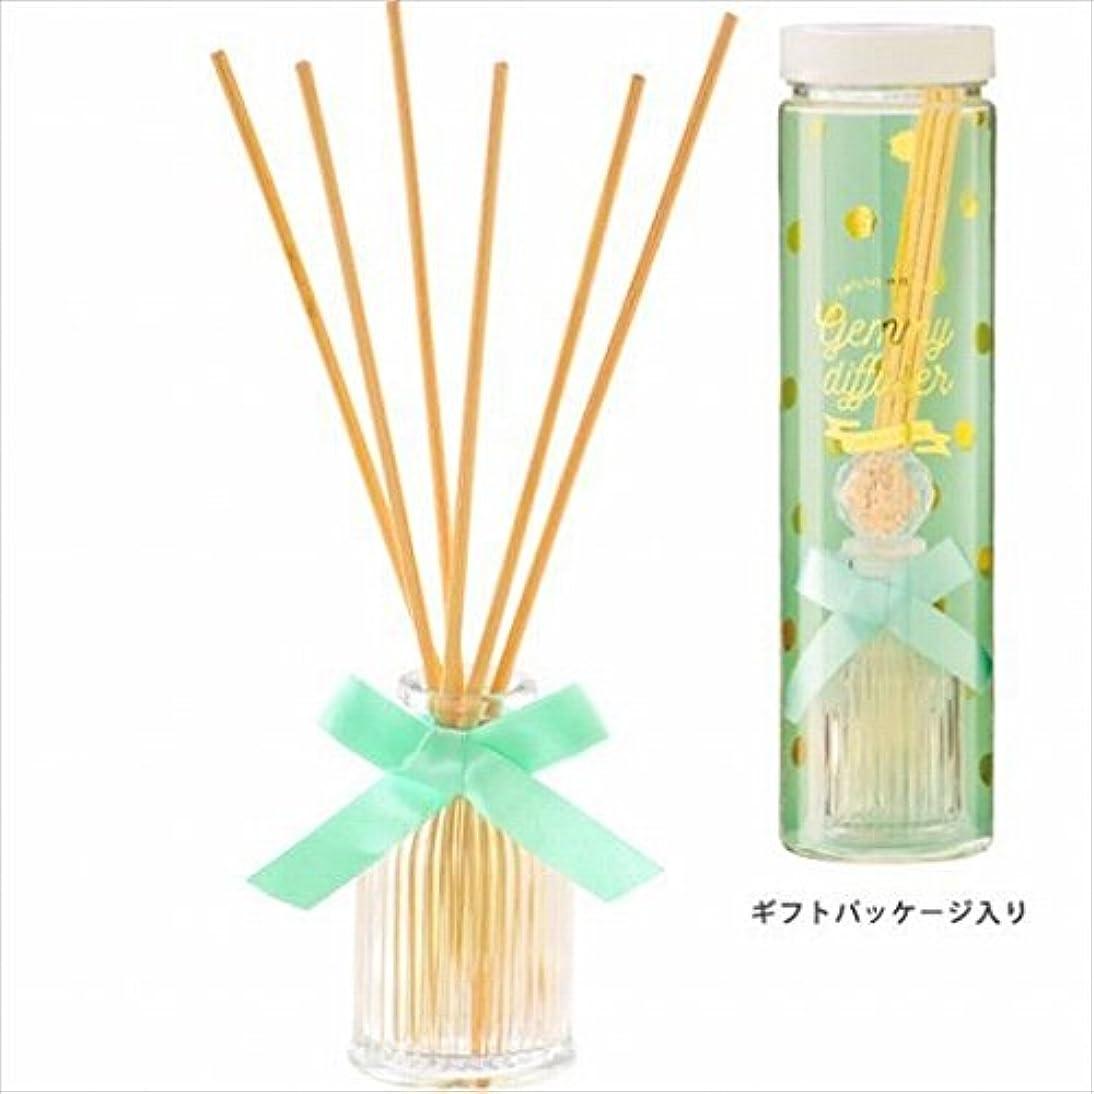 軍艦リーフレット道路を作るプロセスkameyama candle(カメヤマキャンドル) GEMMY (ジェミー) ディフューザー 「 タイム 」6個セット(E3280510)